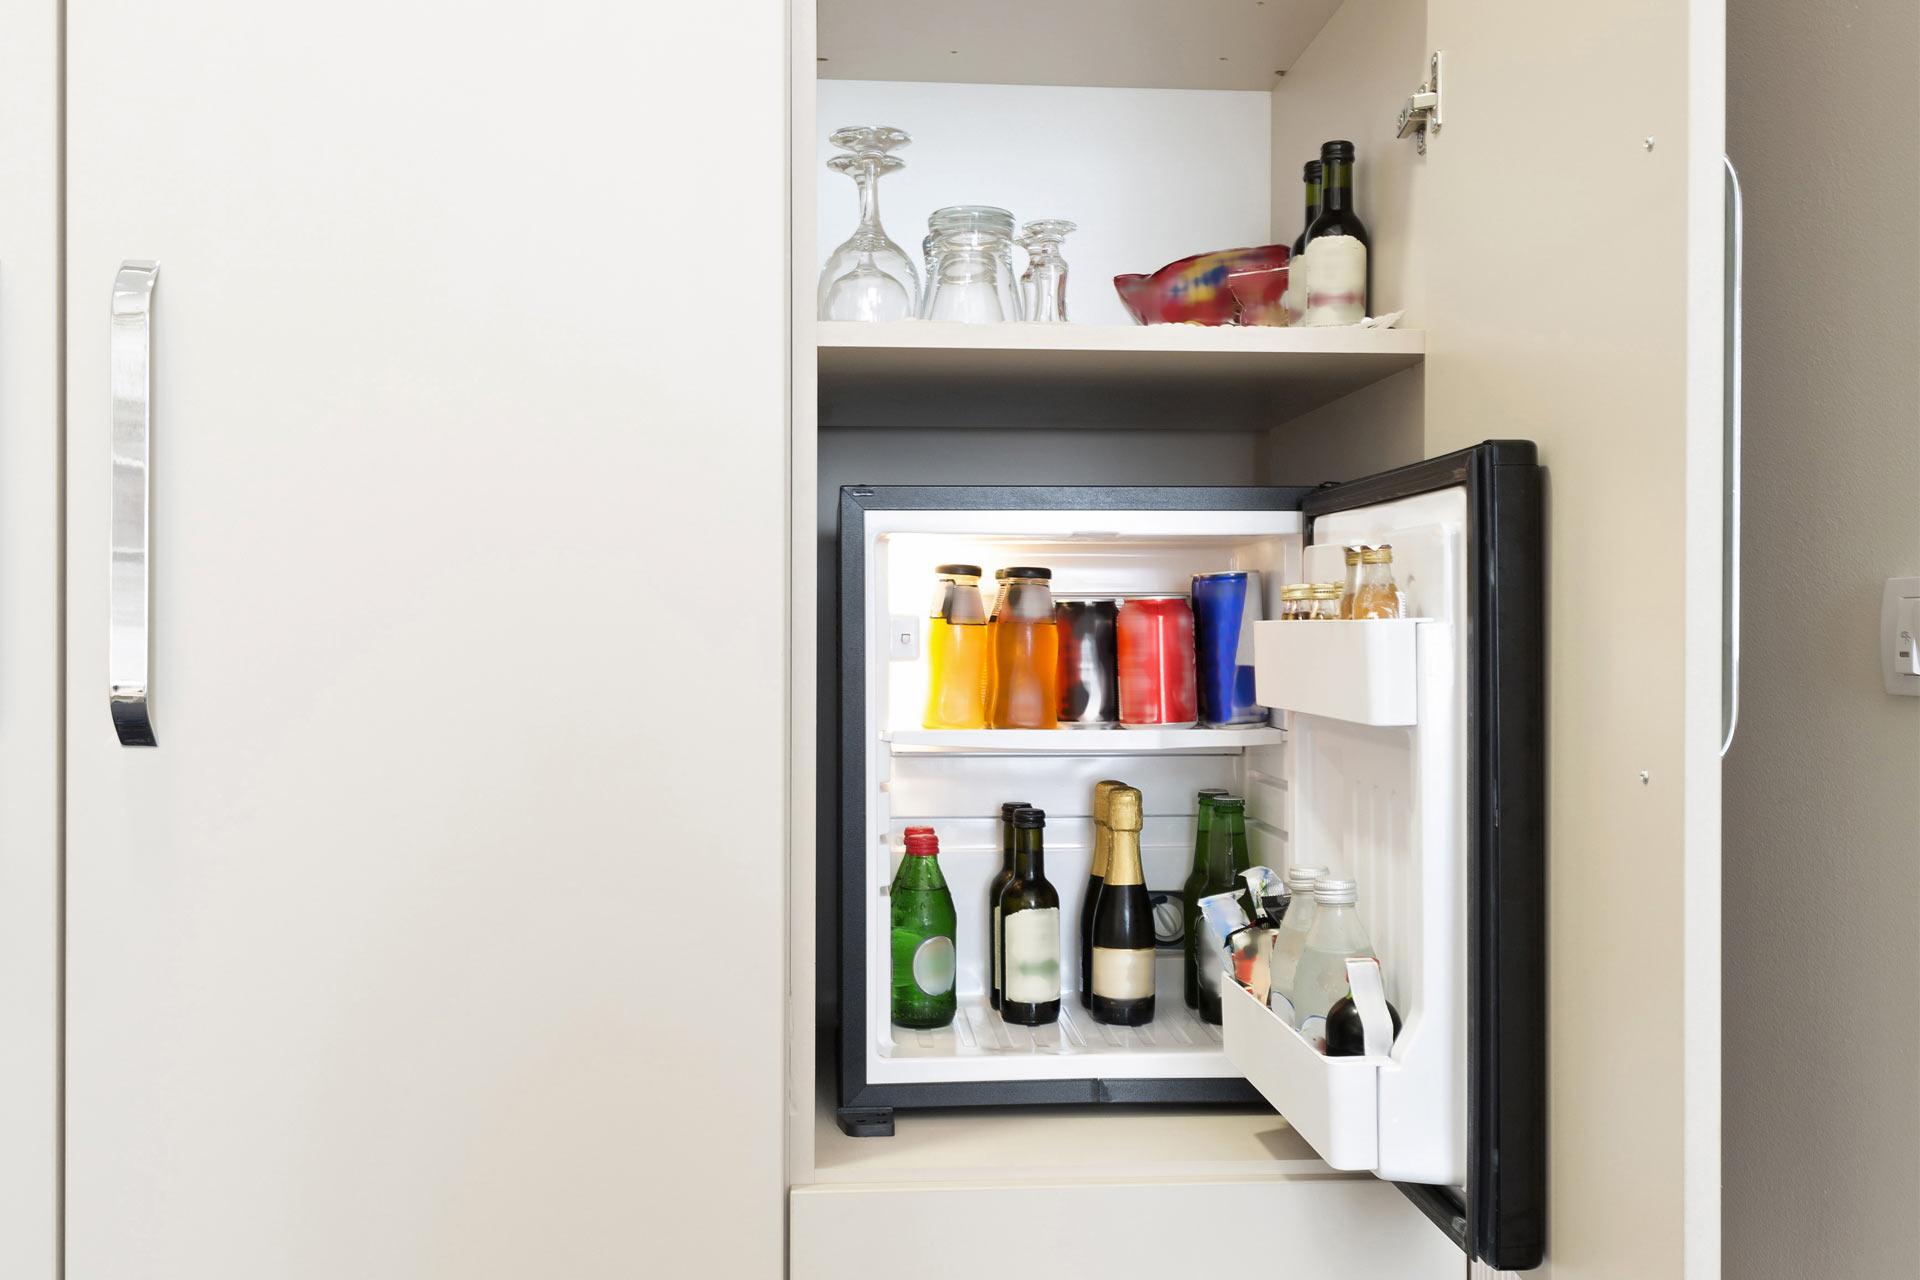 Kleiner Kühlschrank Hofer : Was ist eine minibar alle infos zum minikühlschrank im hotel